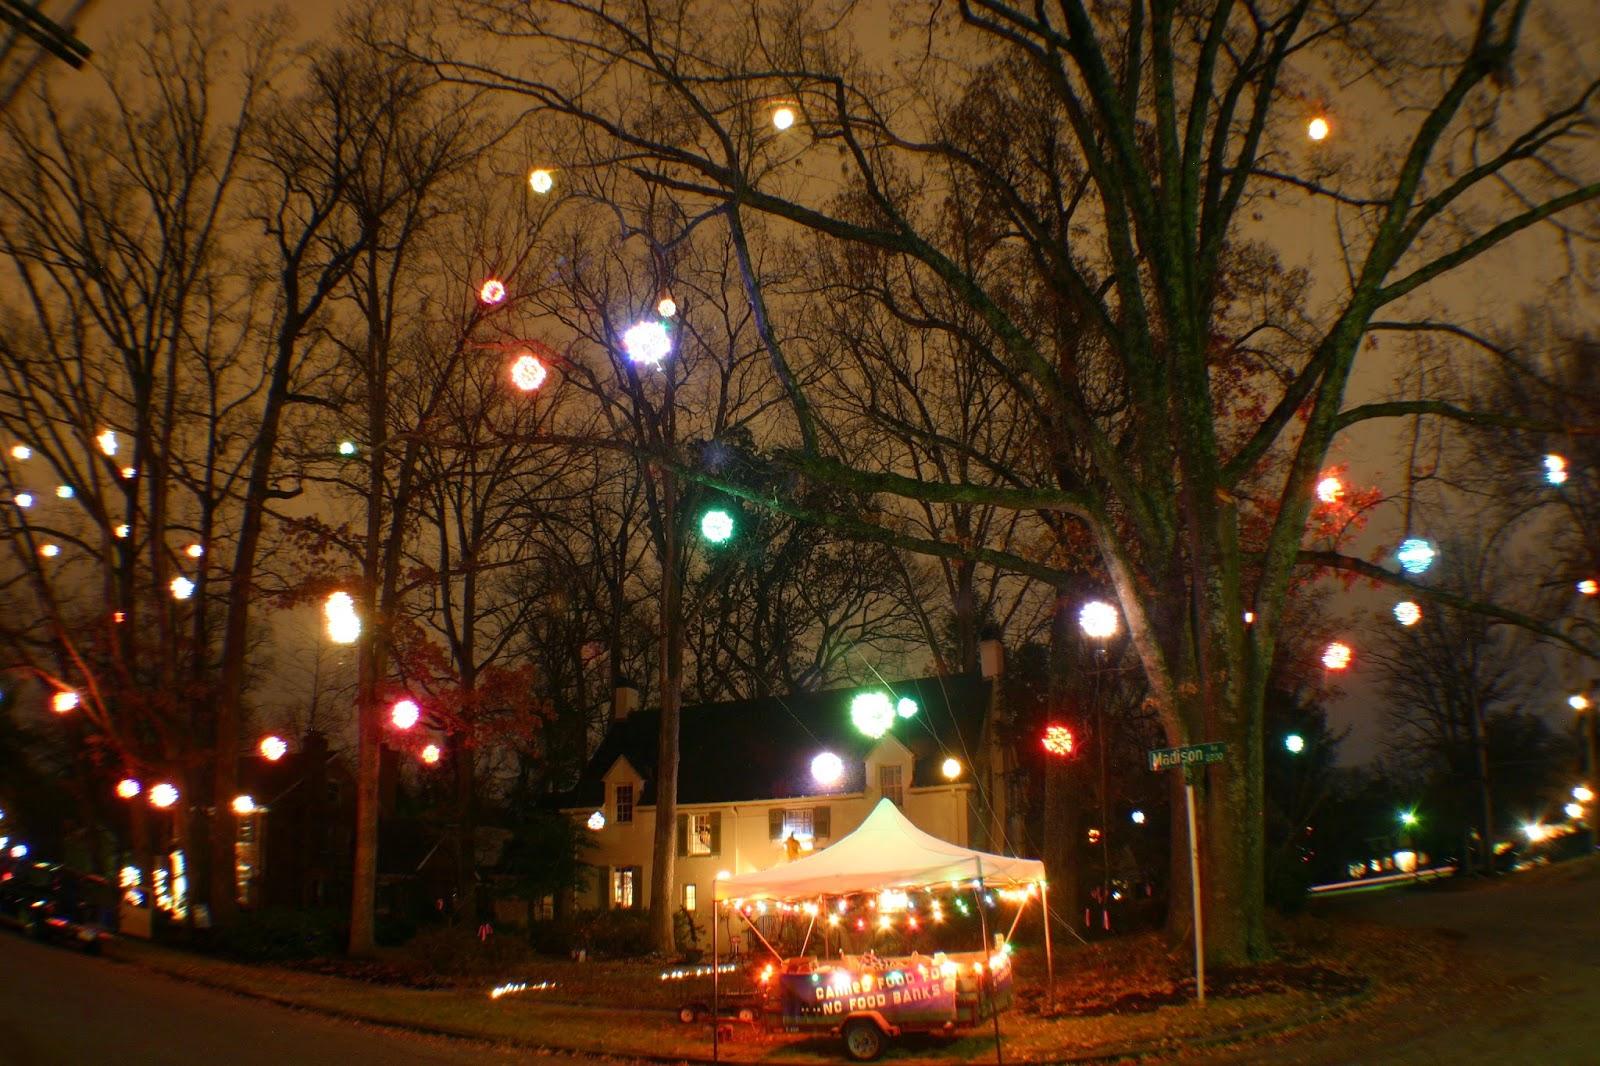 Lighted Christmas Balls: Shine the Light on Hunger Food Drive